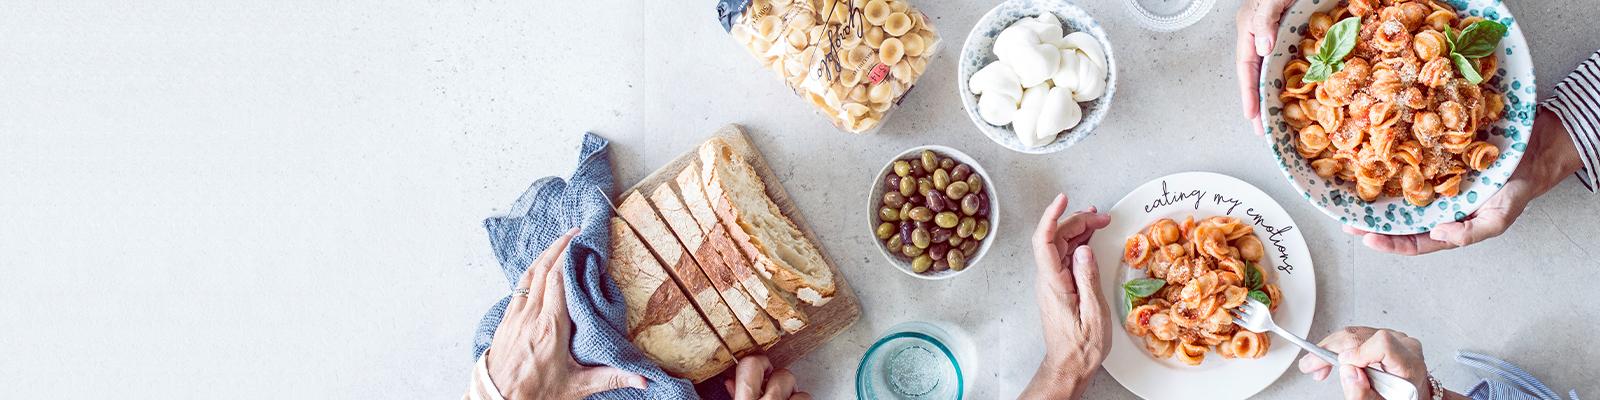 Pasta Garofalo - Ricette